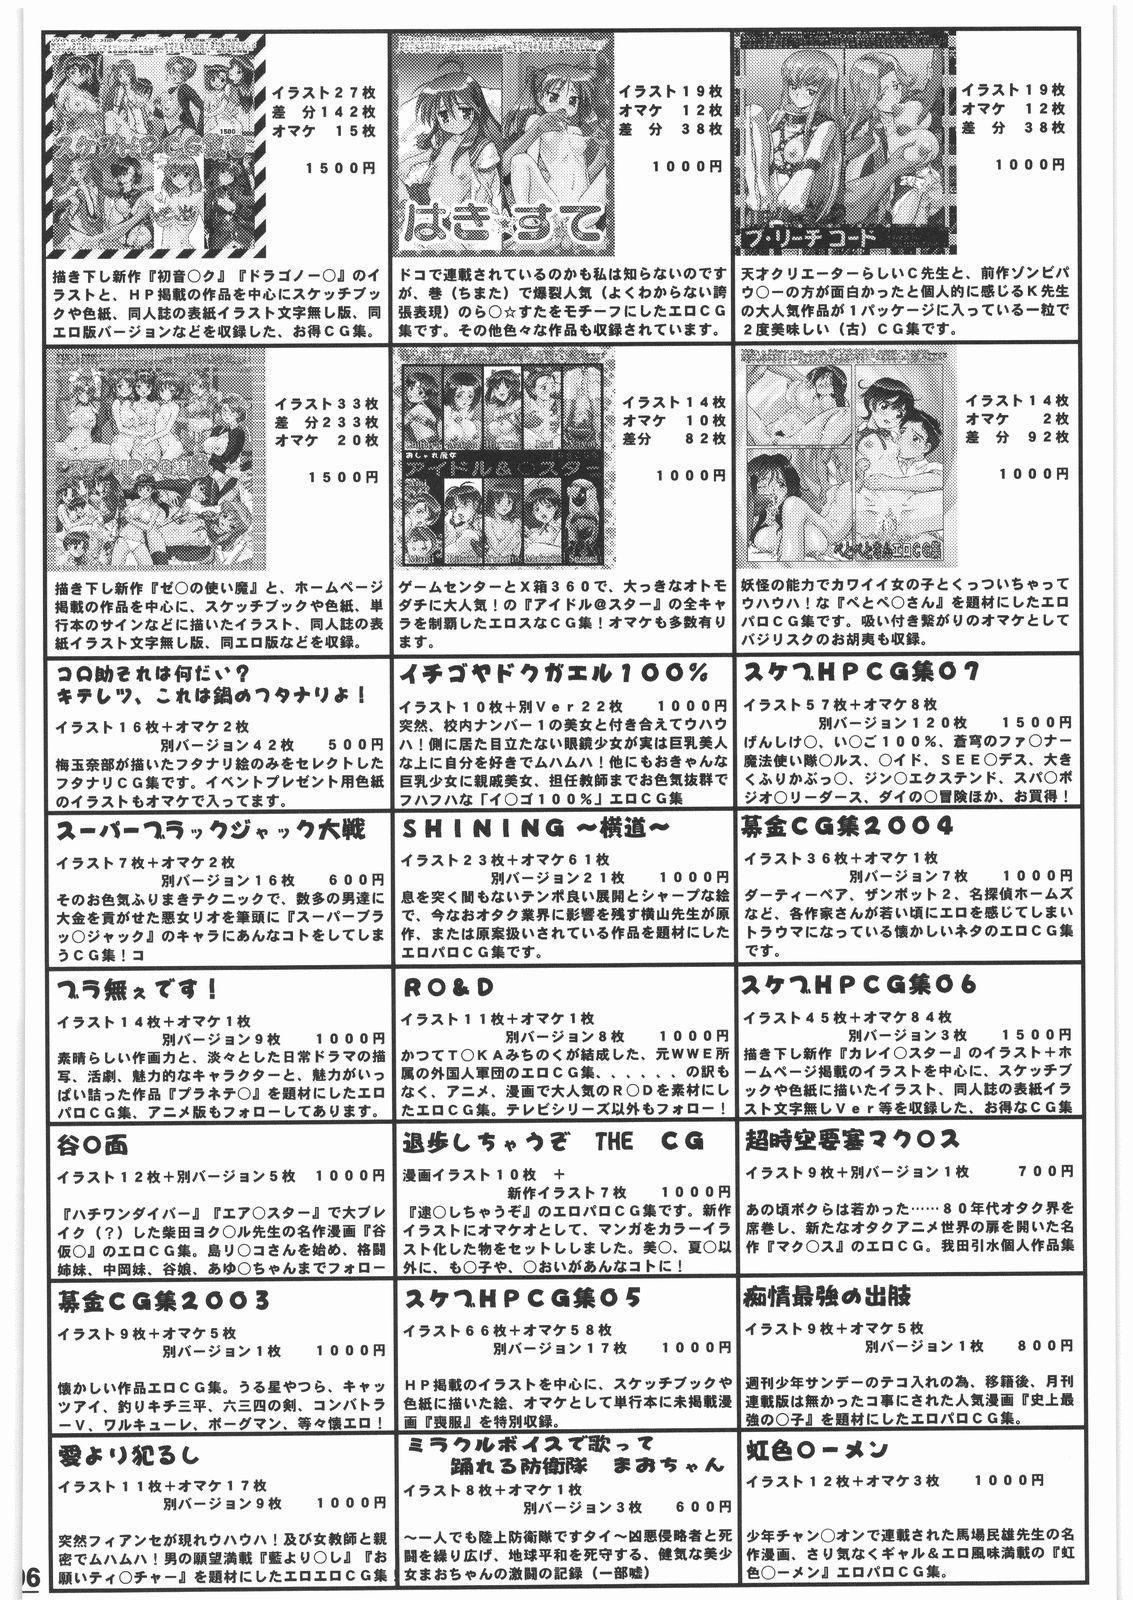 Umedamangashuu 13 94